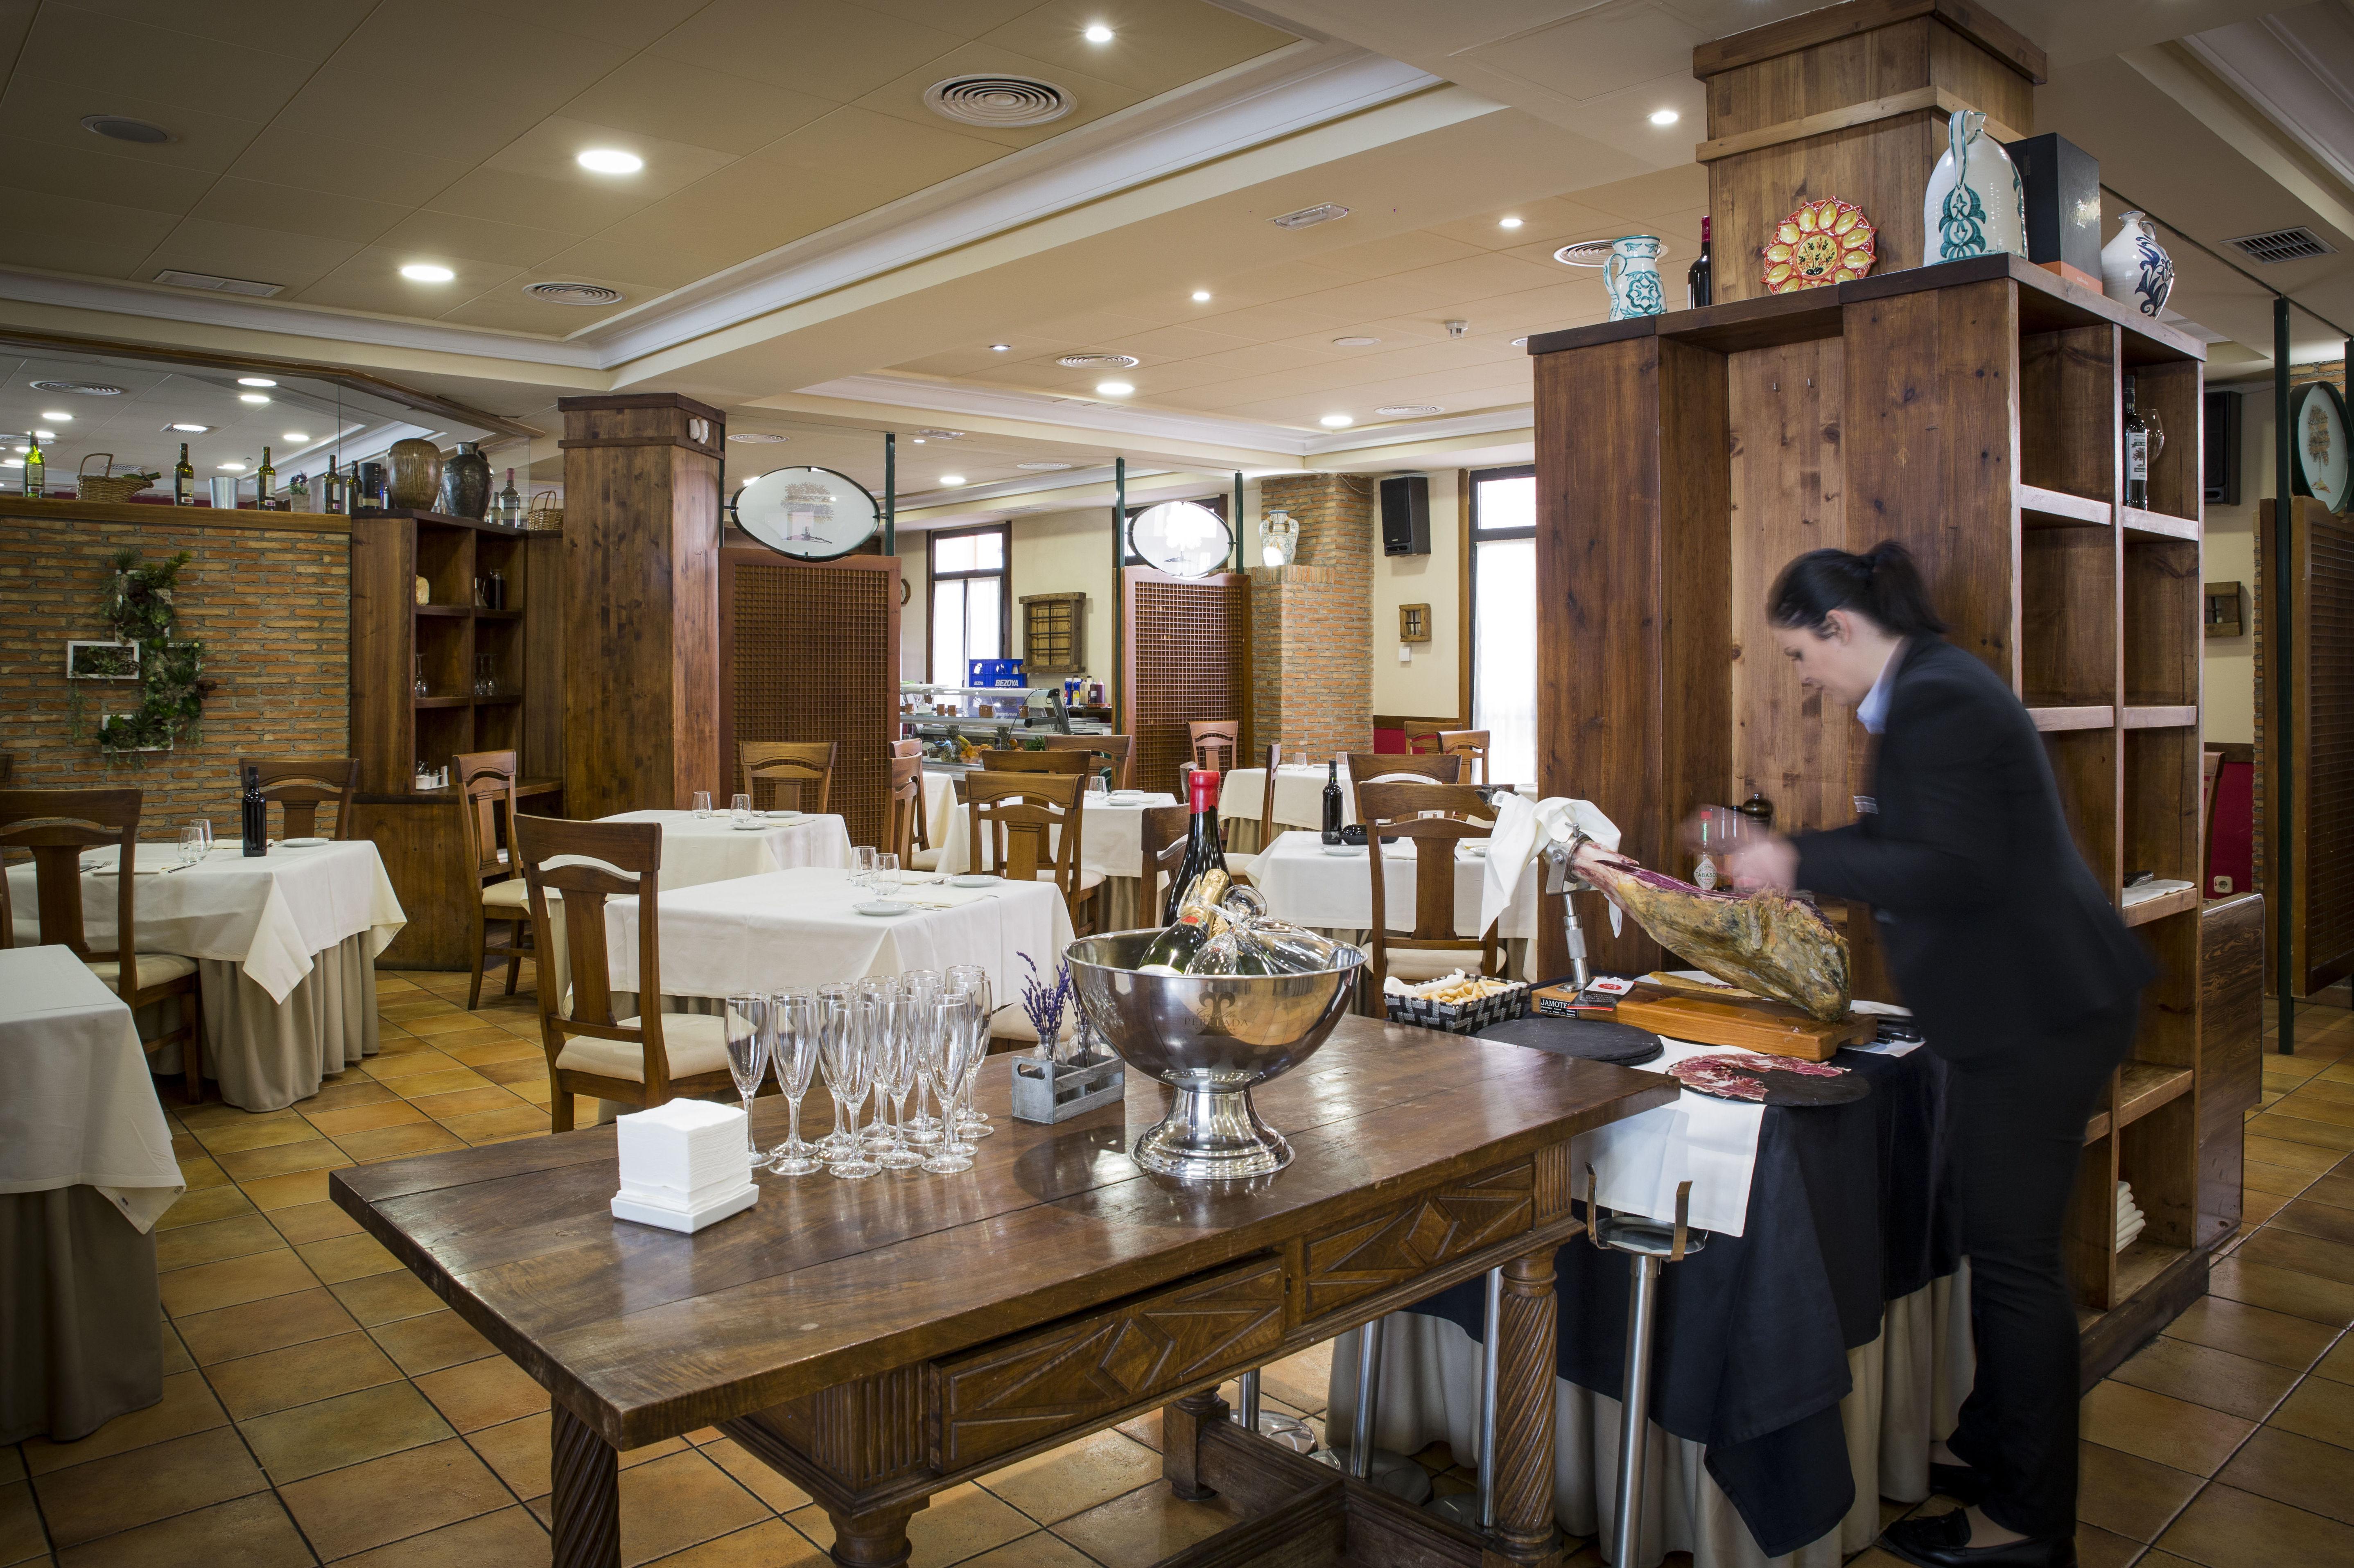 Foto 7 de Asadores en Arganda del Rey | Restaurante El Roble Hotel AB Arganda